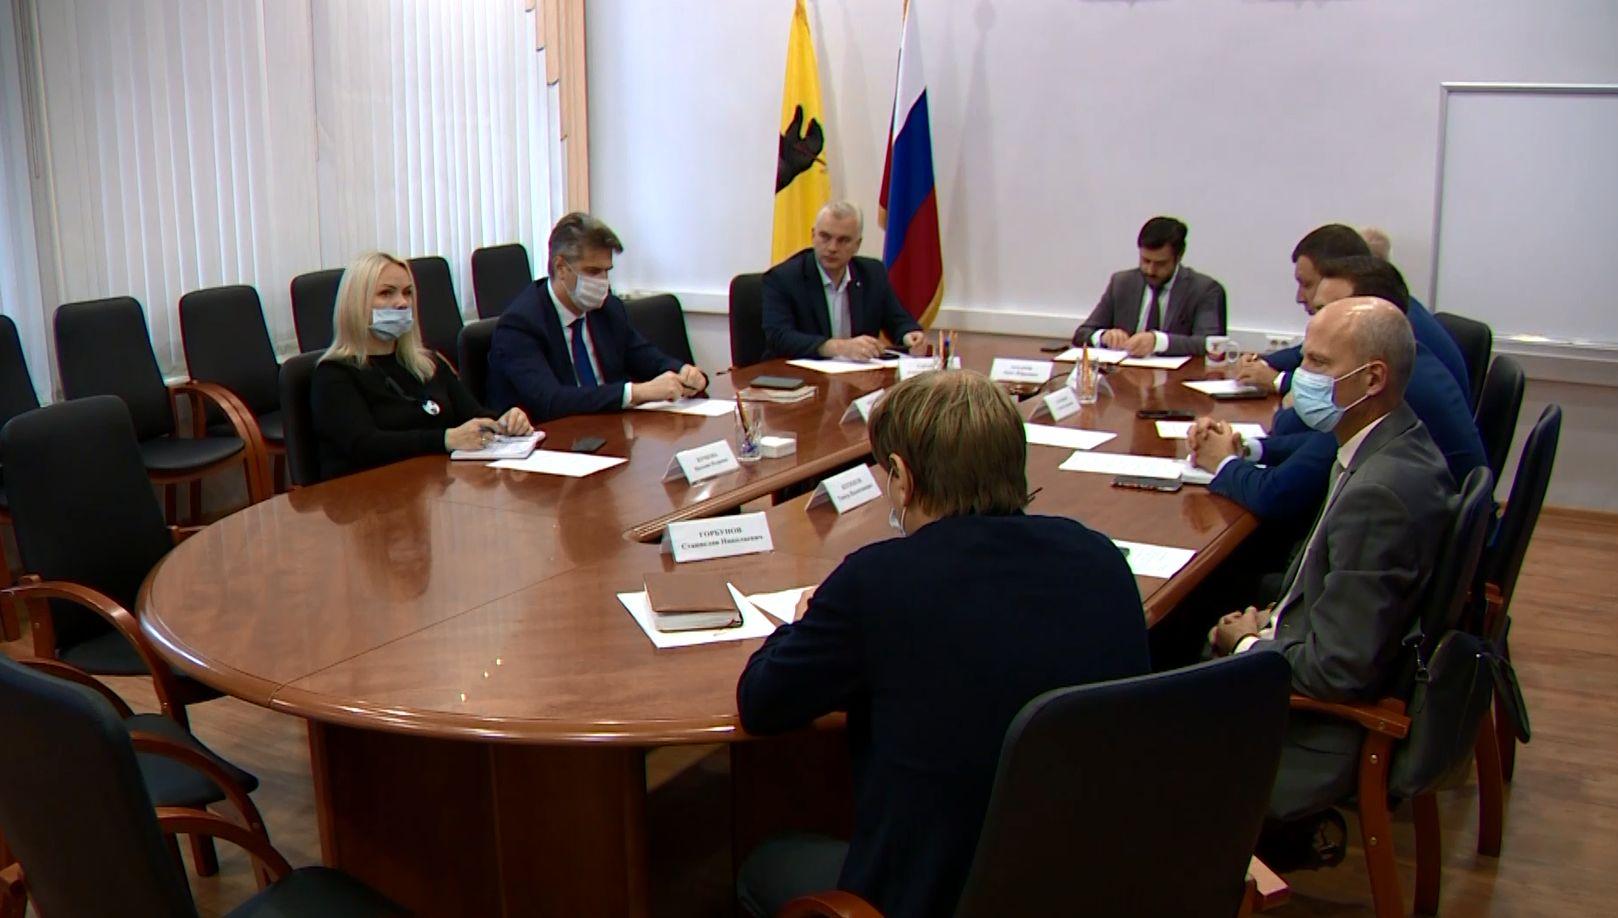 Председатель Избиркома Ярославской области Олег Захаров: все три дня голосования должна быть полностью обеспечена прозрачность избирательного процесса